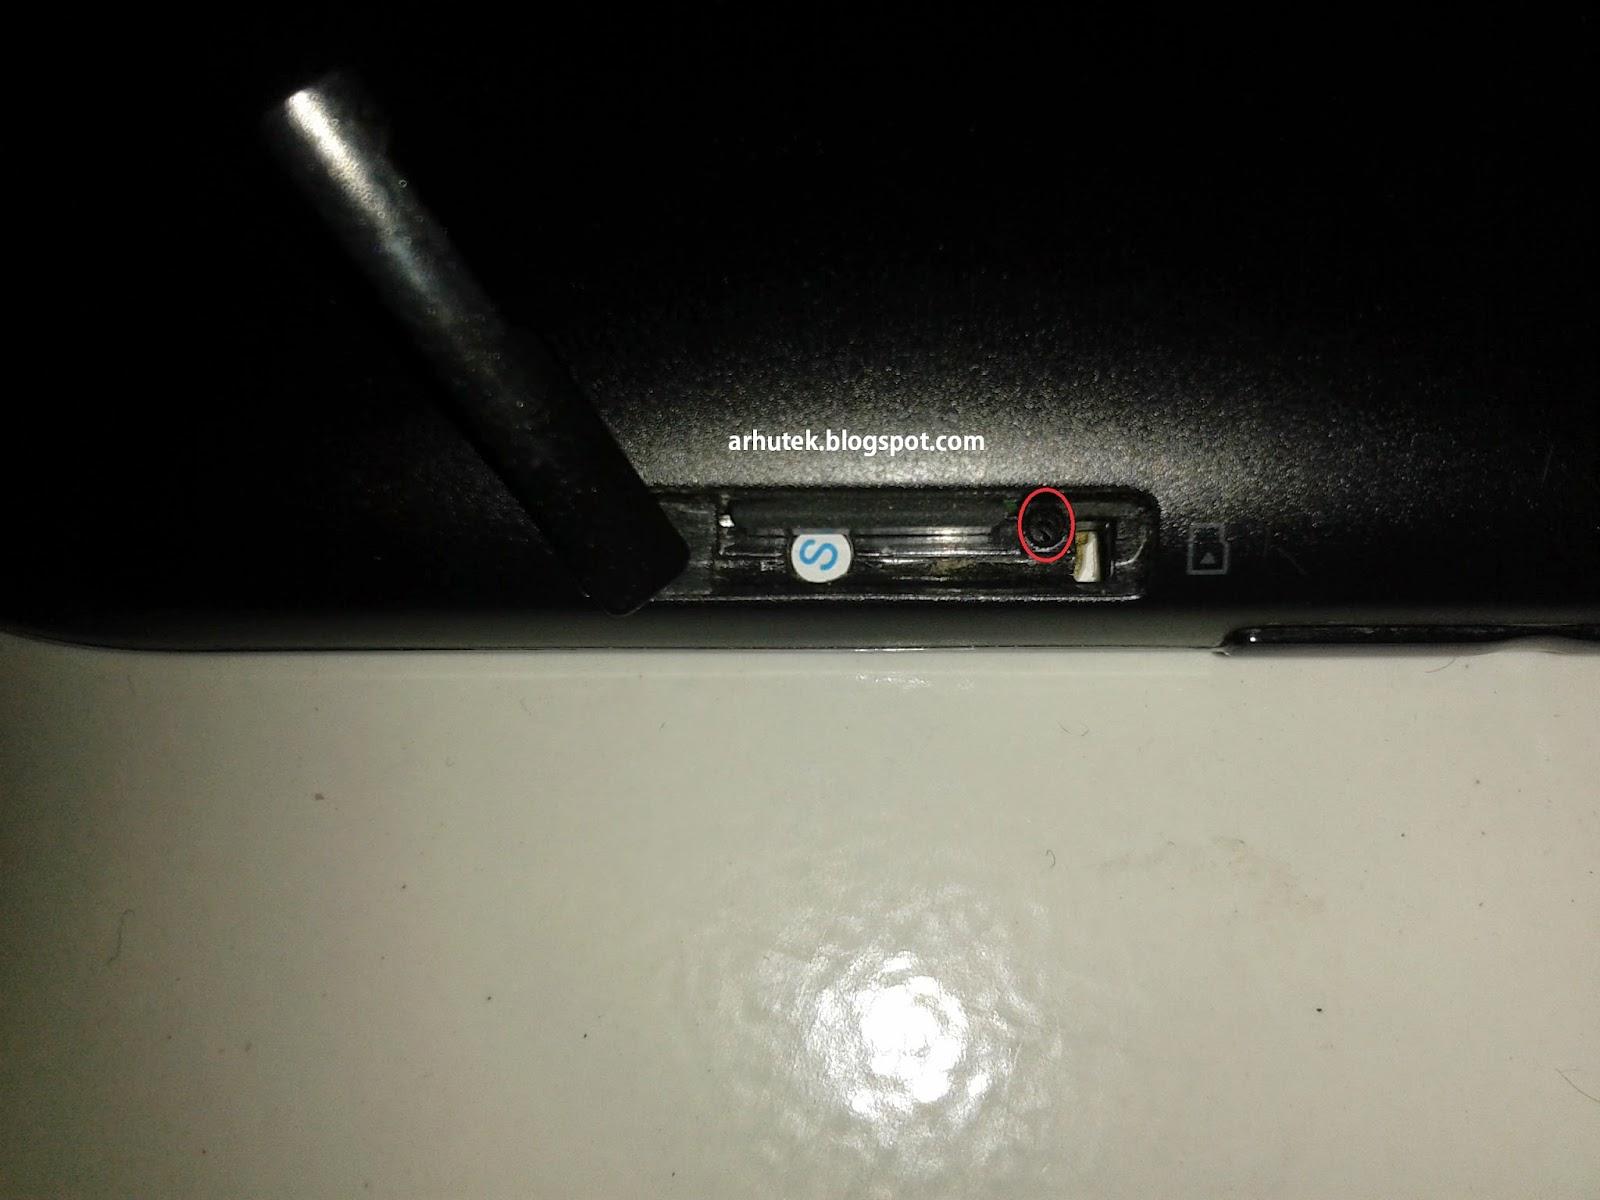 yang menganut baterai tanpa sanggup dicabut atau disebut juga sebagai  Info Cara Mengatasi Hang Tablet Lenovo (Baterai non-removable)